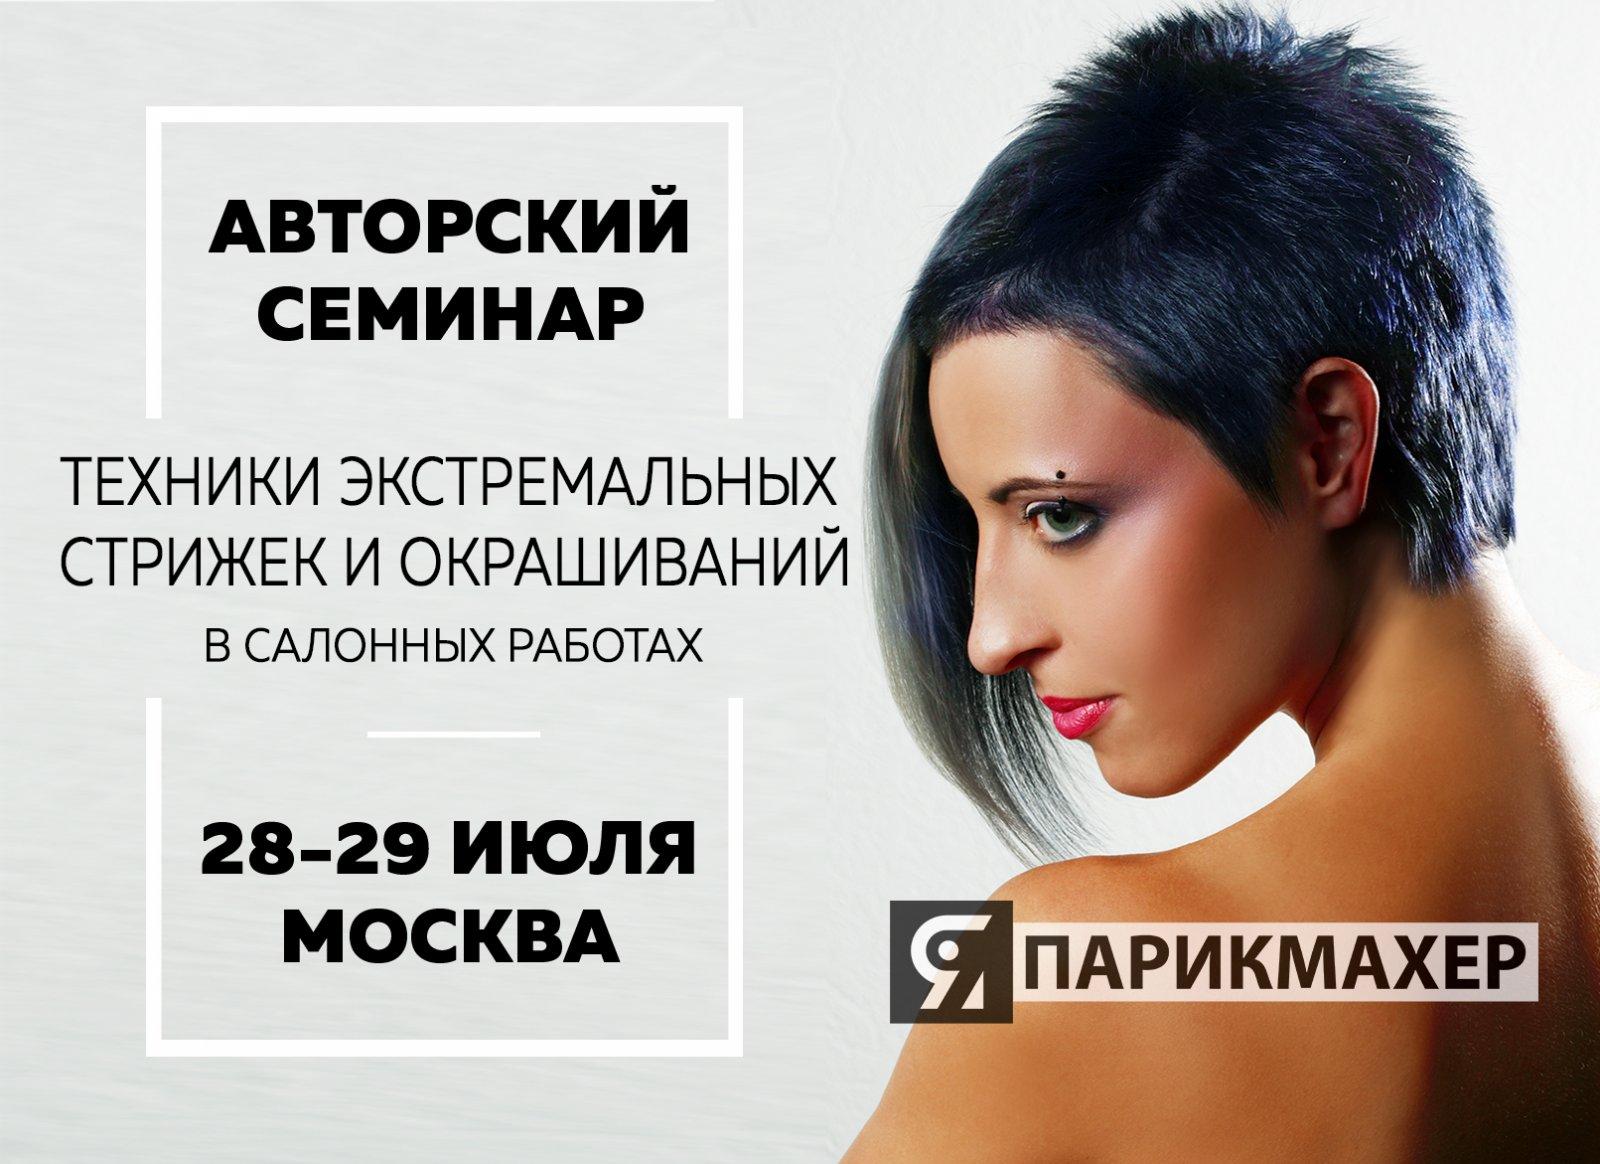 Техники экстремальных стрижек и окрашиваний в салонных работах 2-дневныйсеминар Катерины Гордеевой